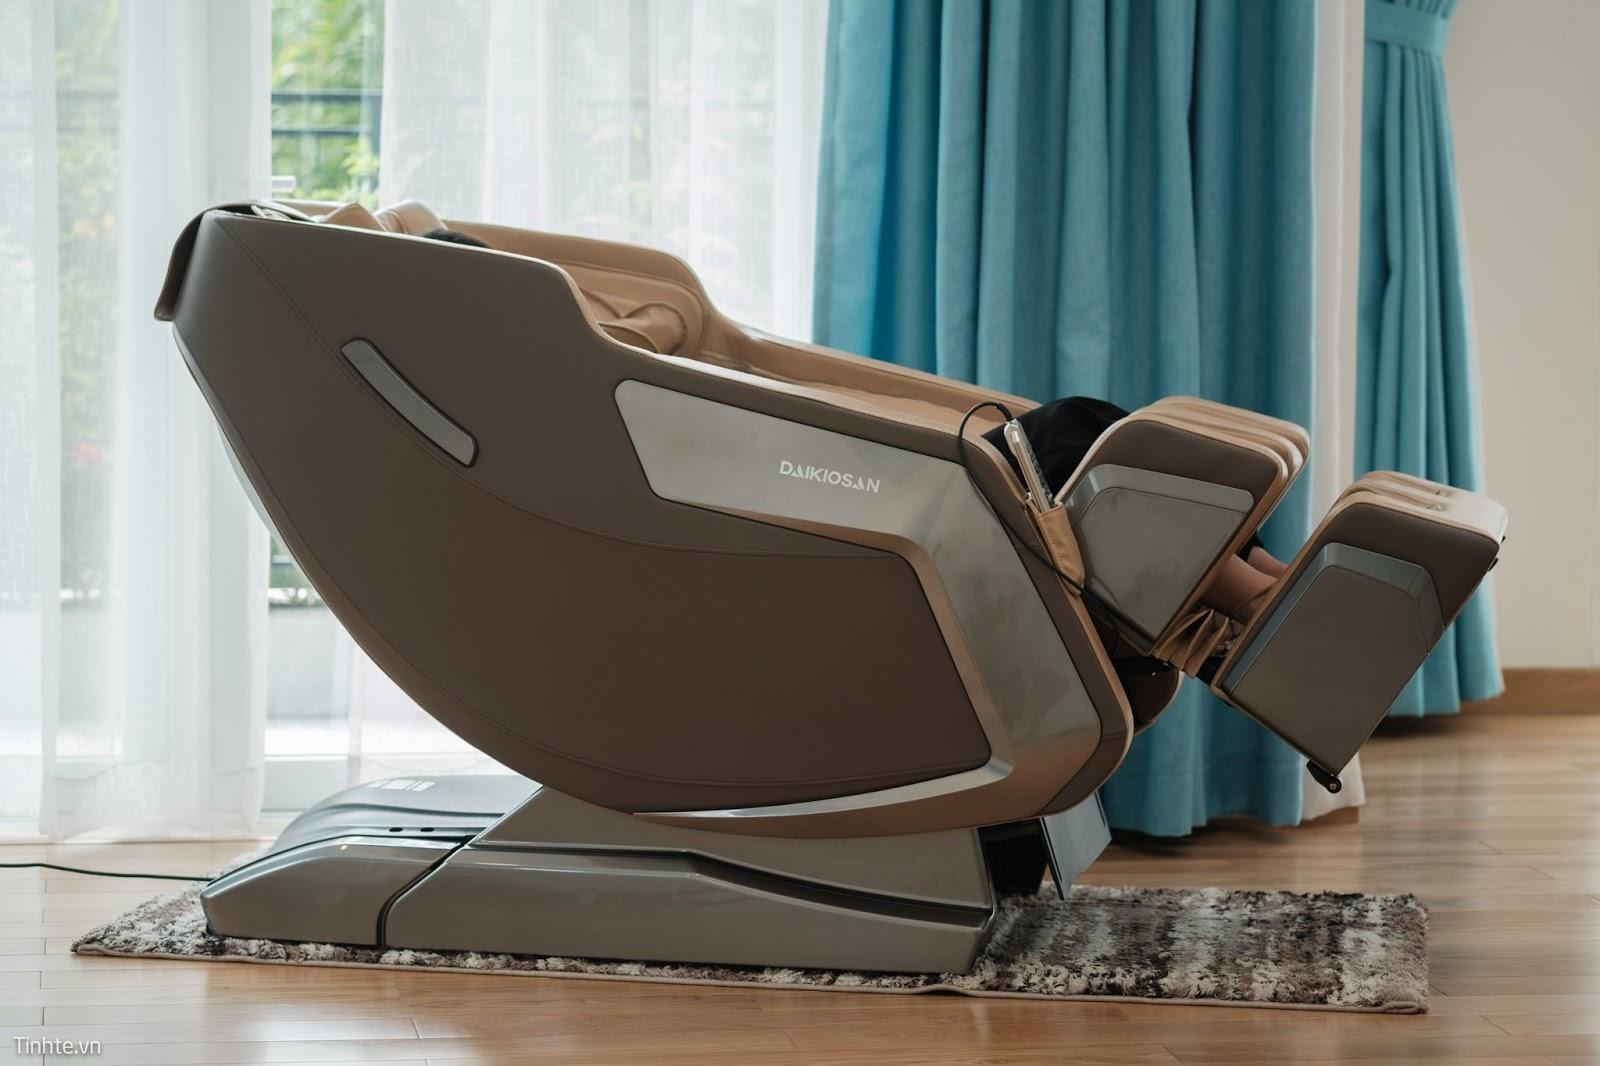 Tư vấn mua ghế massage thiết kế nhỏ gọn, sang trọng